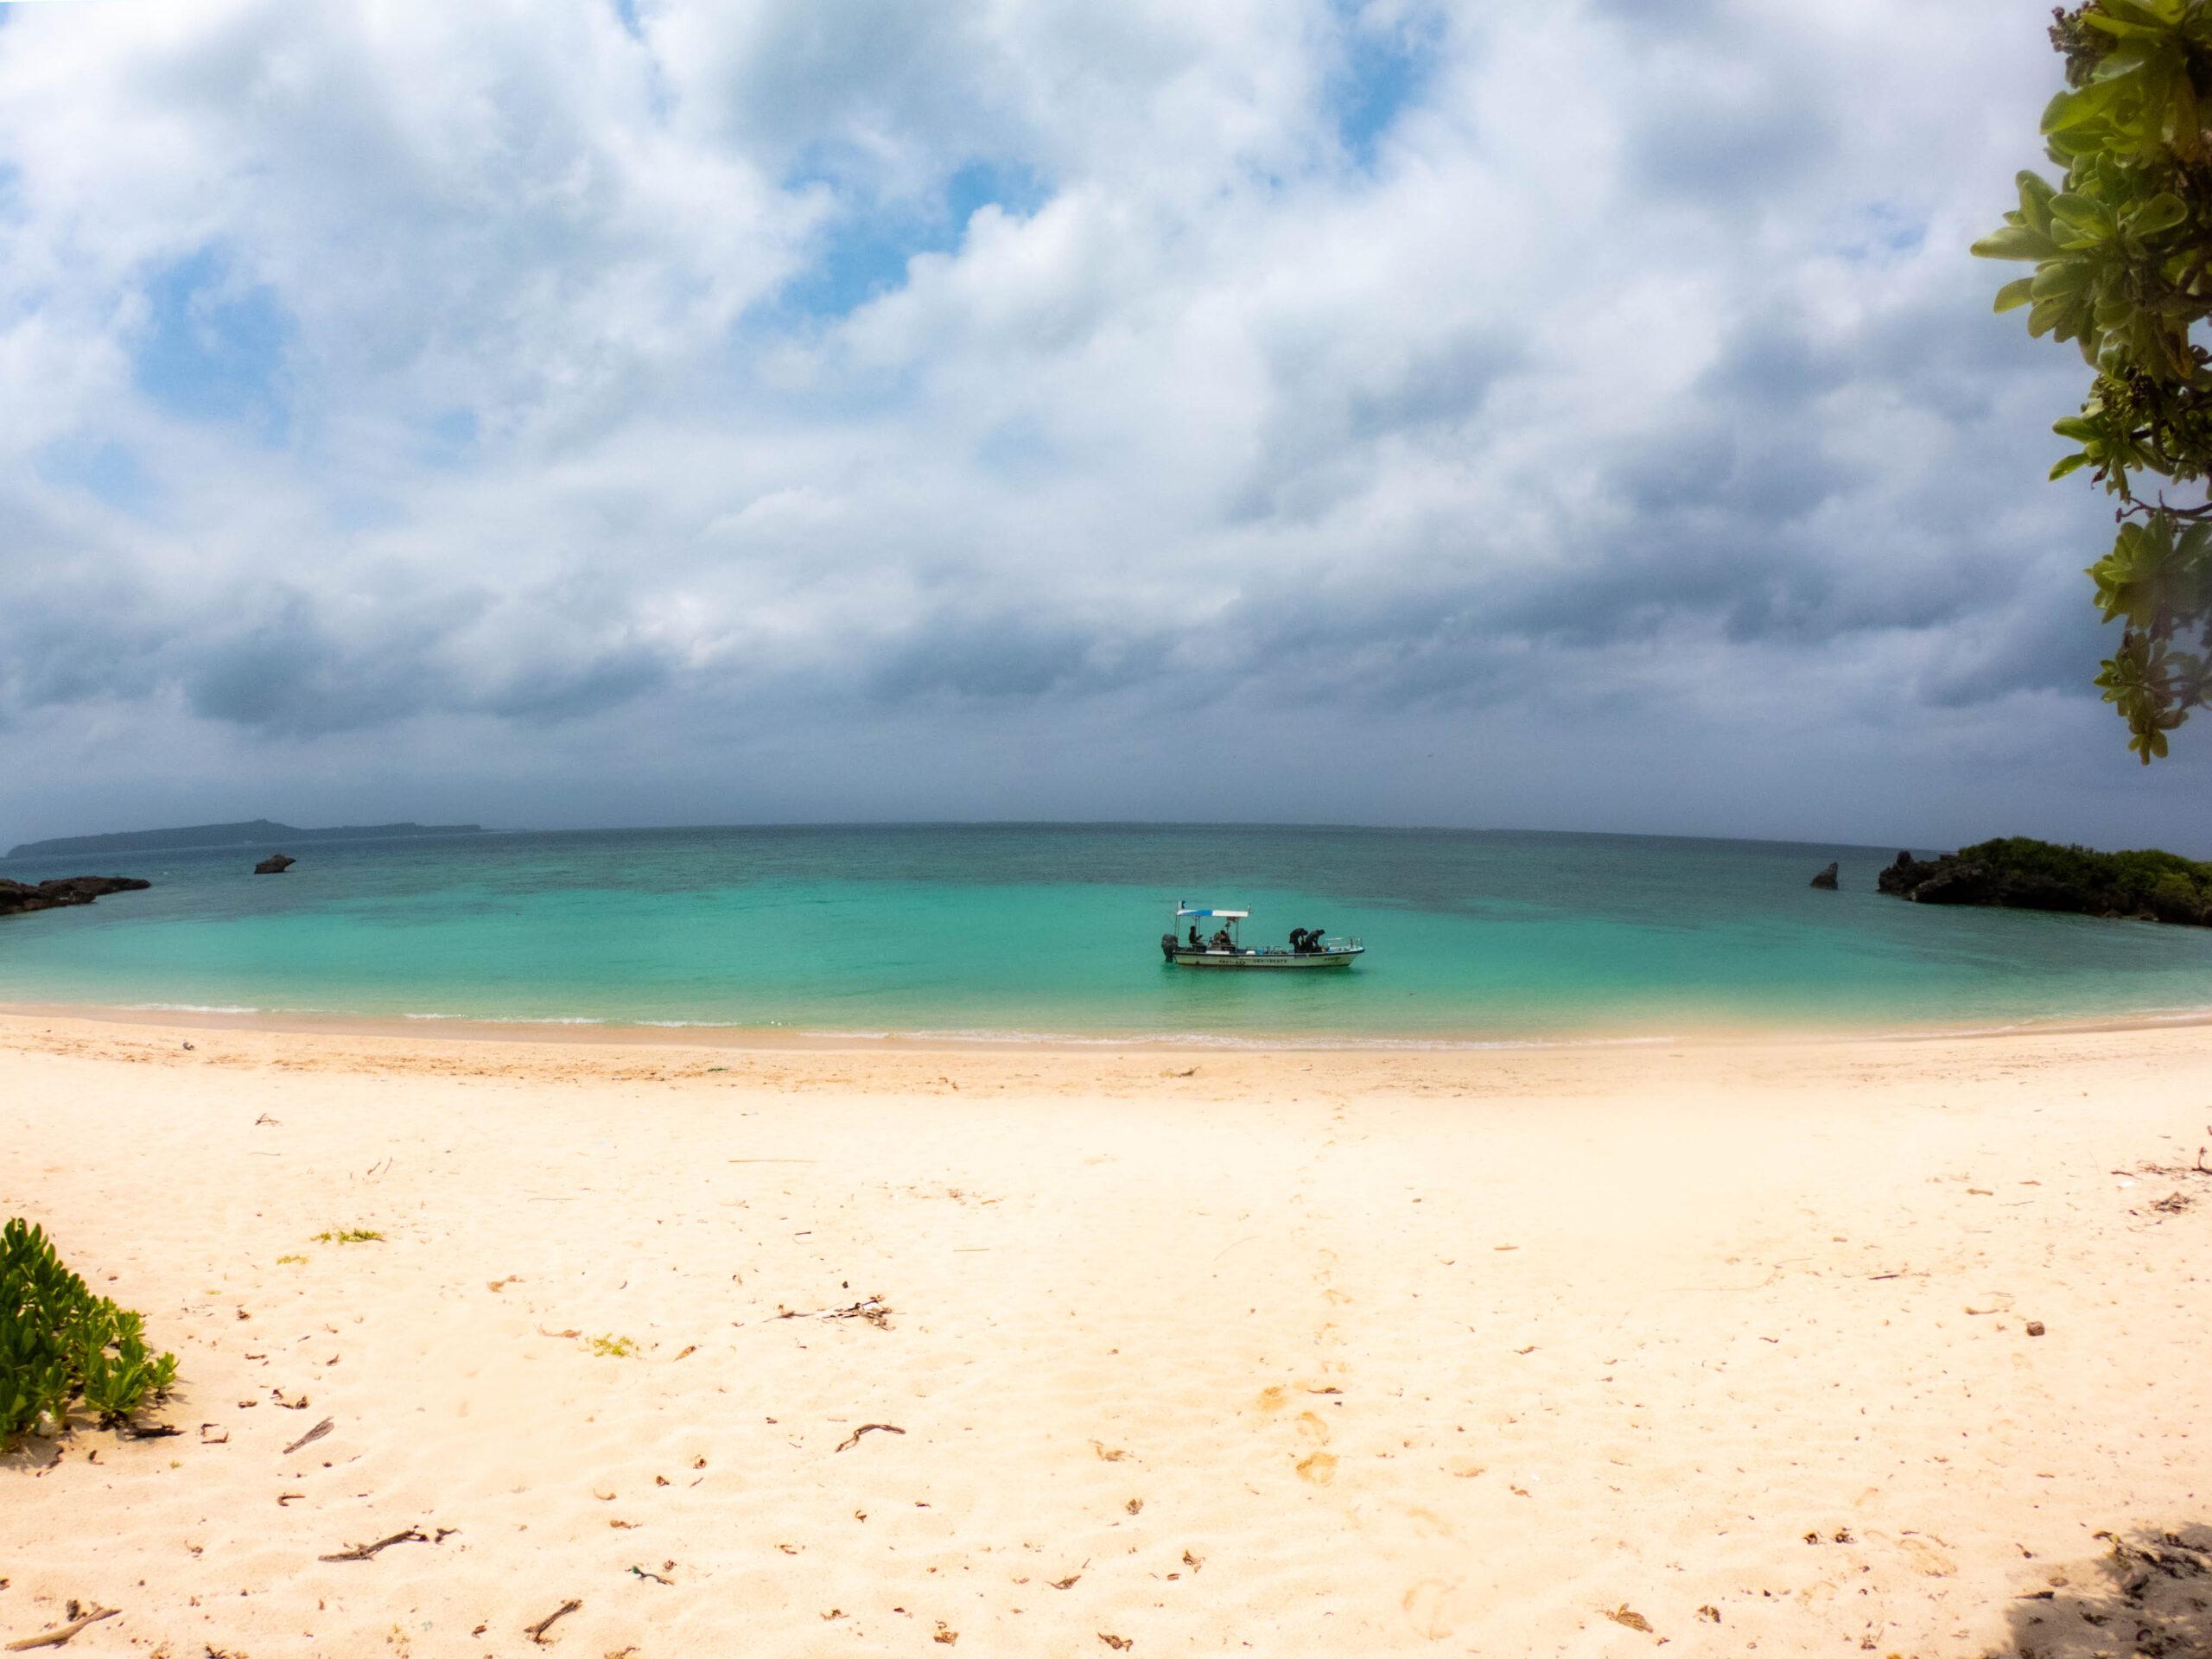 新規ポイント! 沖縄東海岸で無人島ダイビング!!